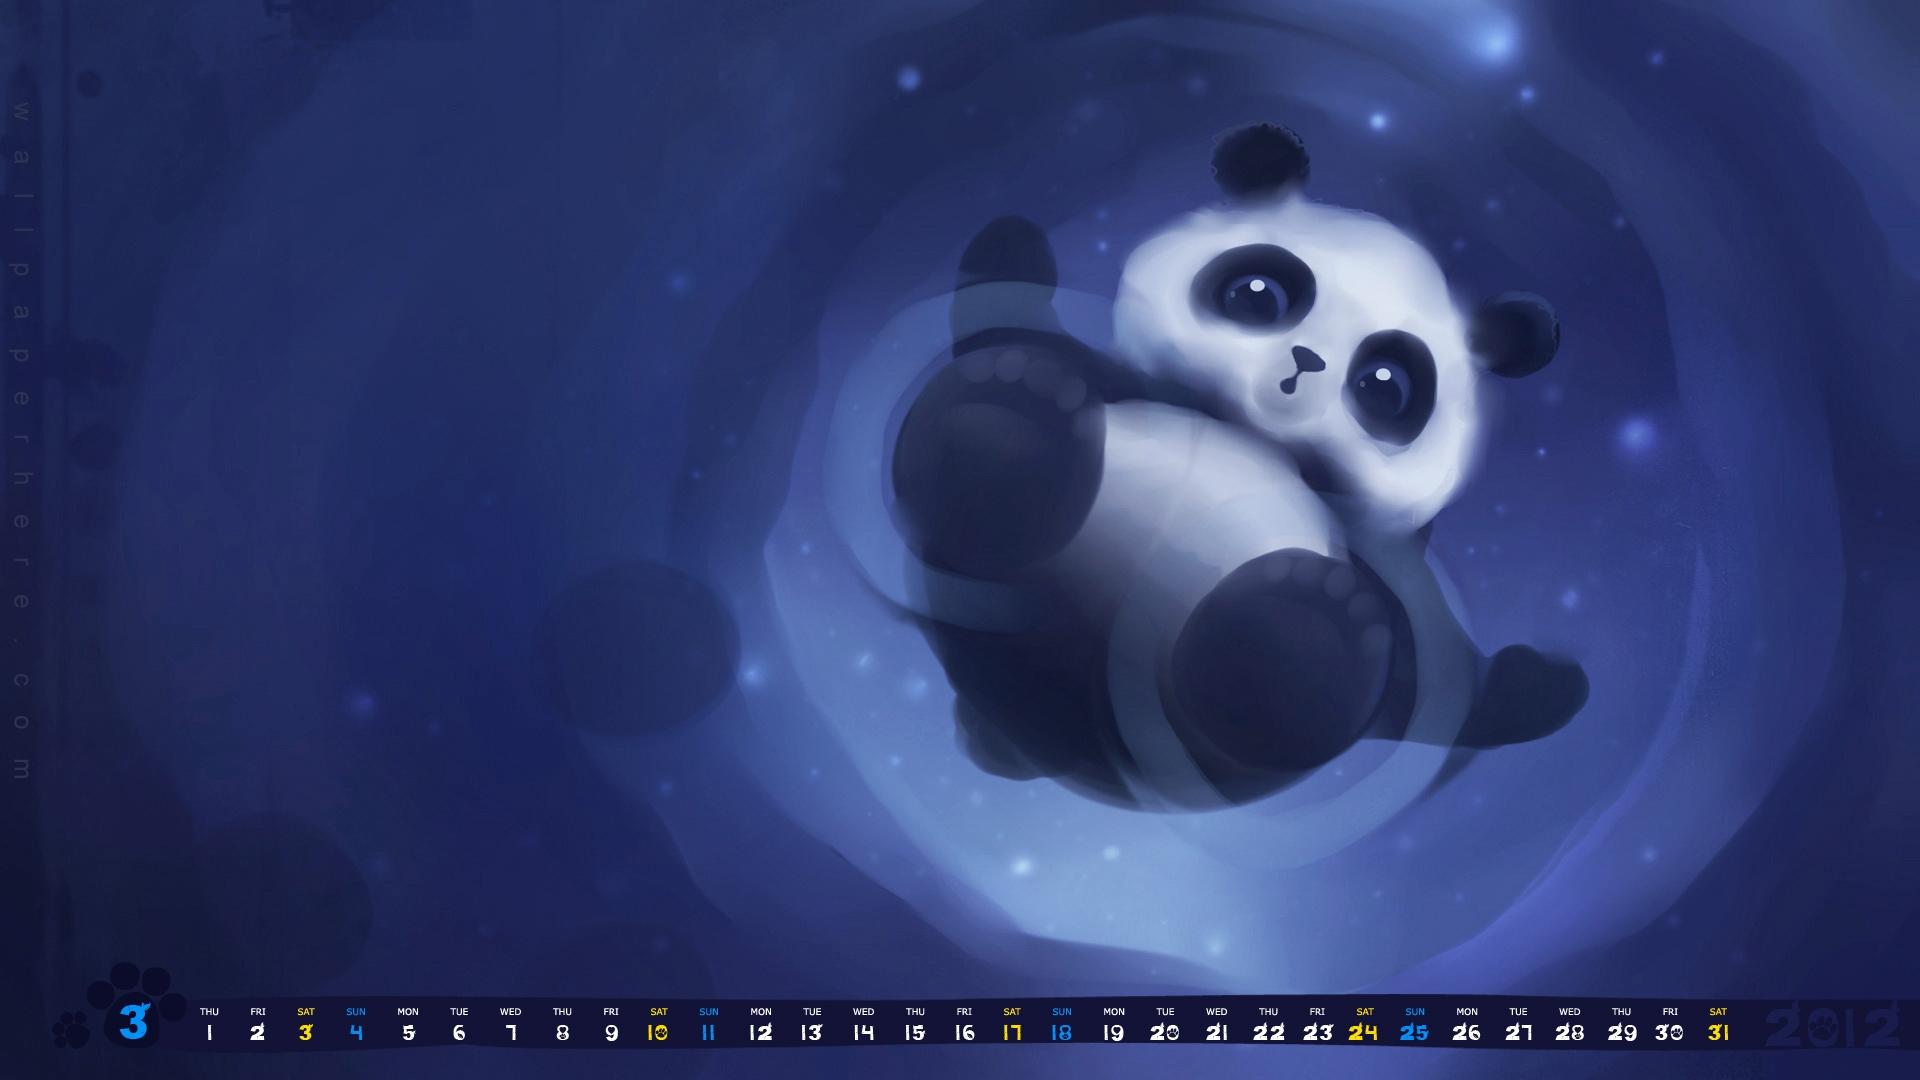 Cute Panda March 2012 Calendar Wallpaper